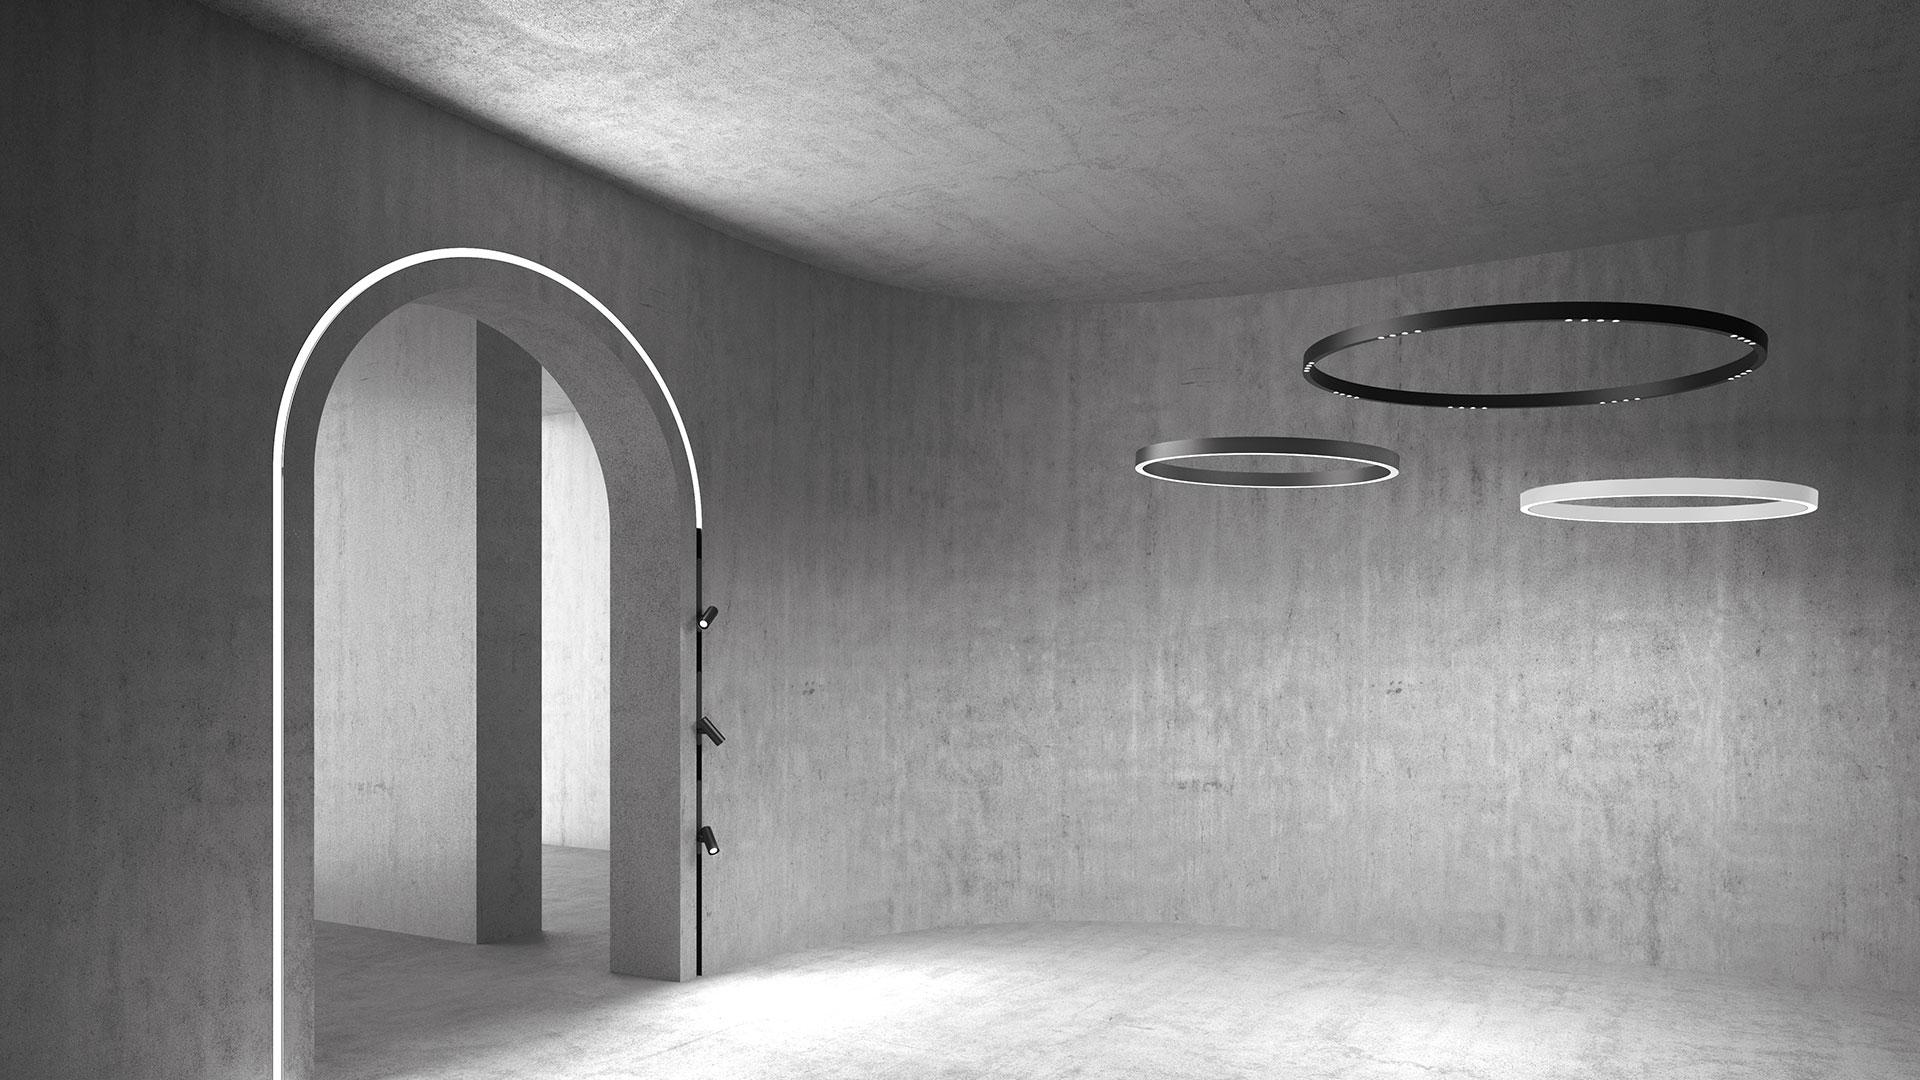 Poliform, мебель, мебель Poliform, Luceplan, Artemide, Midj, дизайнерский интерьер, интерьер решение, topobject, top object, каталог мебели, сайт мебели, итальянская мебель, мебель из Италии, интерьер, дизайн интерьера, современный интерьер, дизайн офиса, современный офис, мебель для офиса, современное освещение, офисное освещение, техническое освещение, светильники для офиса в Калининграде, лампы для офиса Калининград, идеи для офиса, дизайнерские светильники